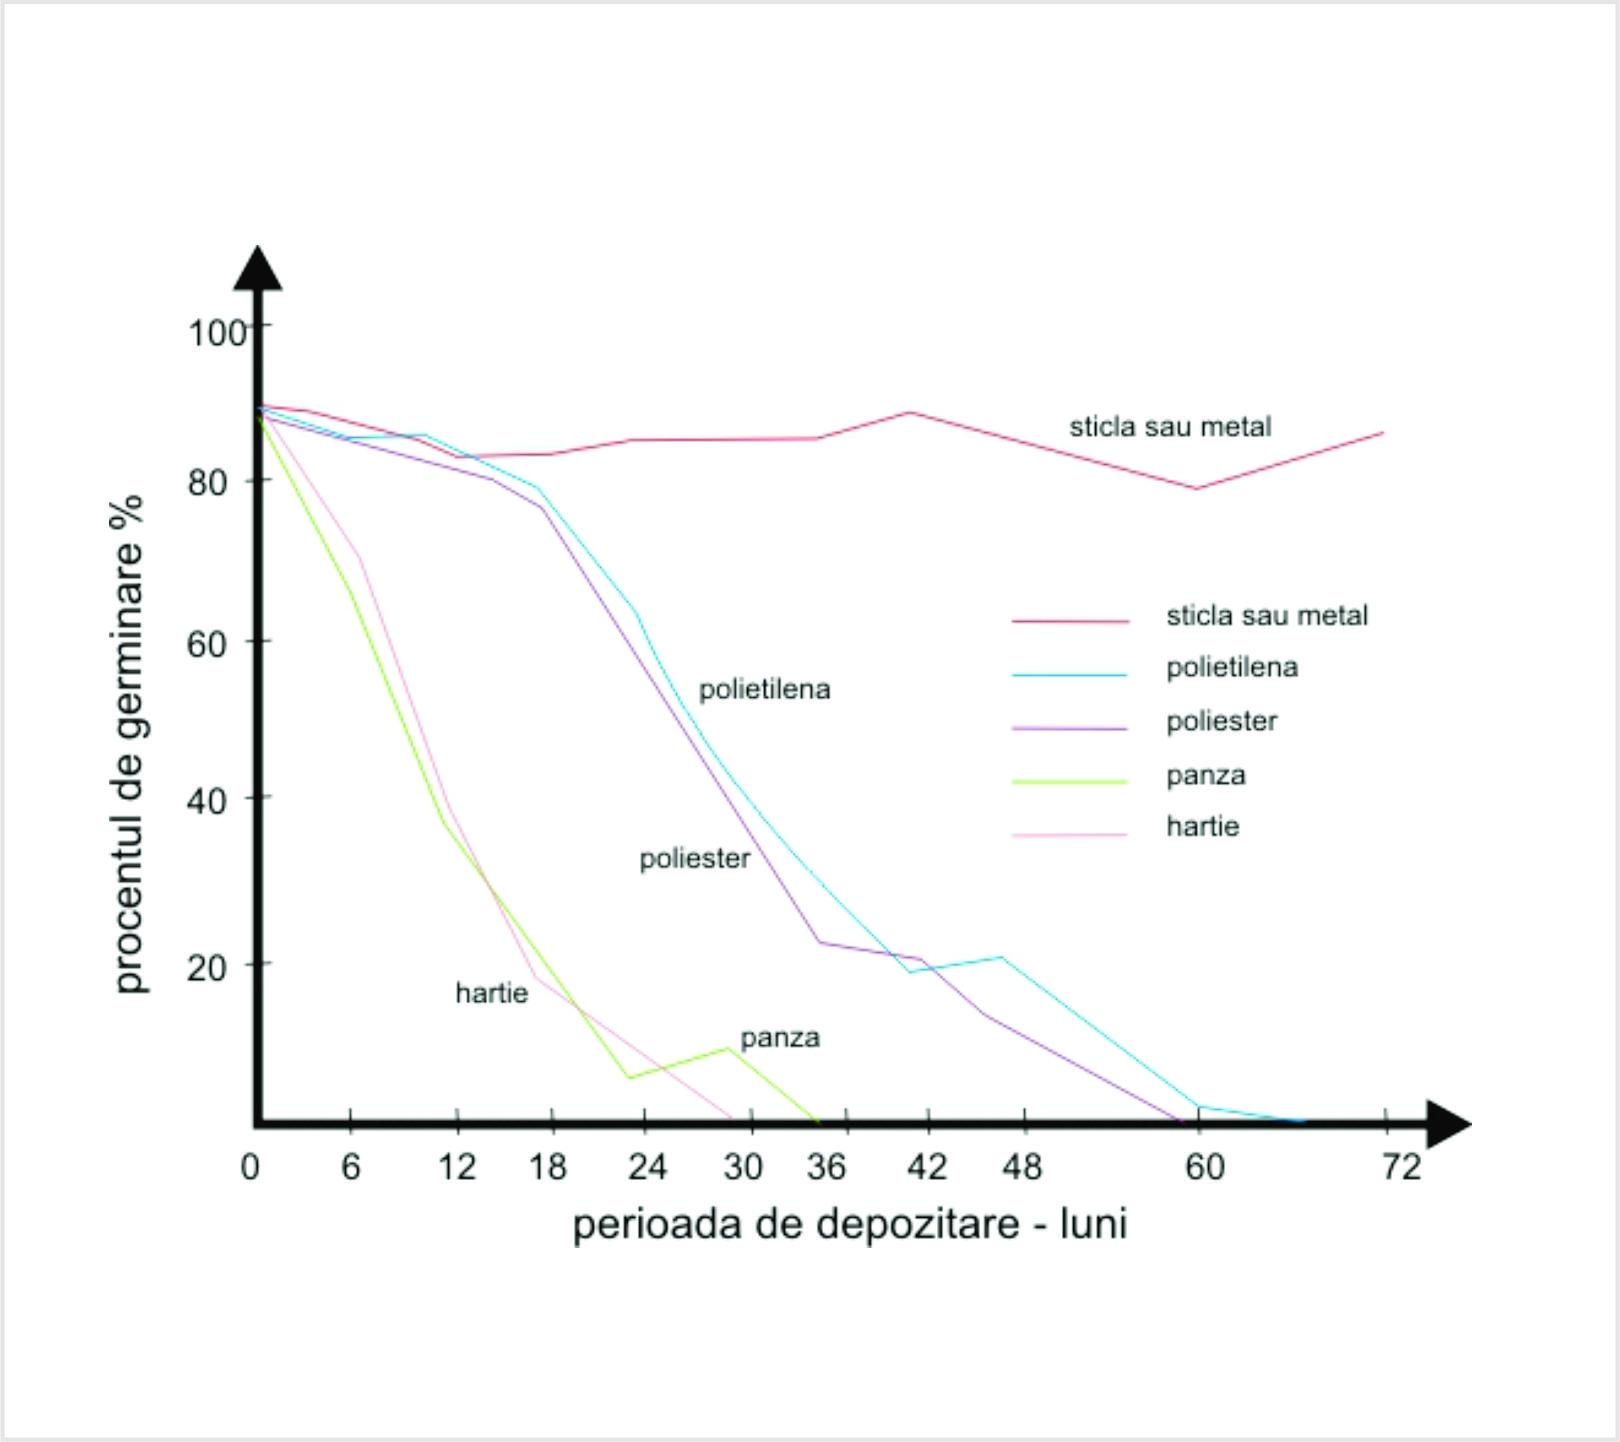 Procentul de germinare de-a lungul timpului in functie de materialul de depozitare al semintelor